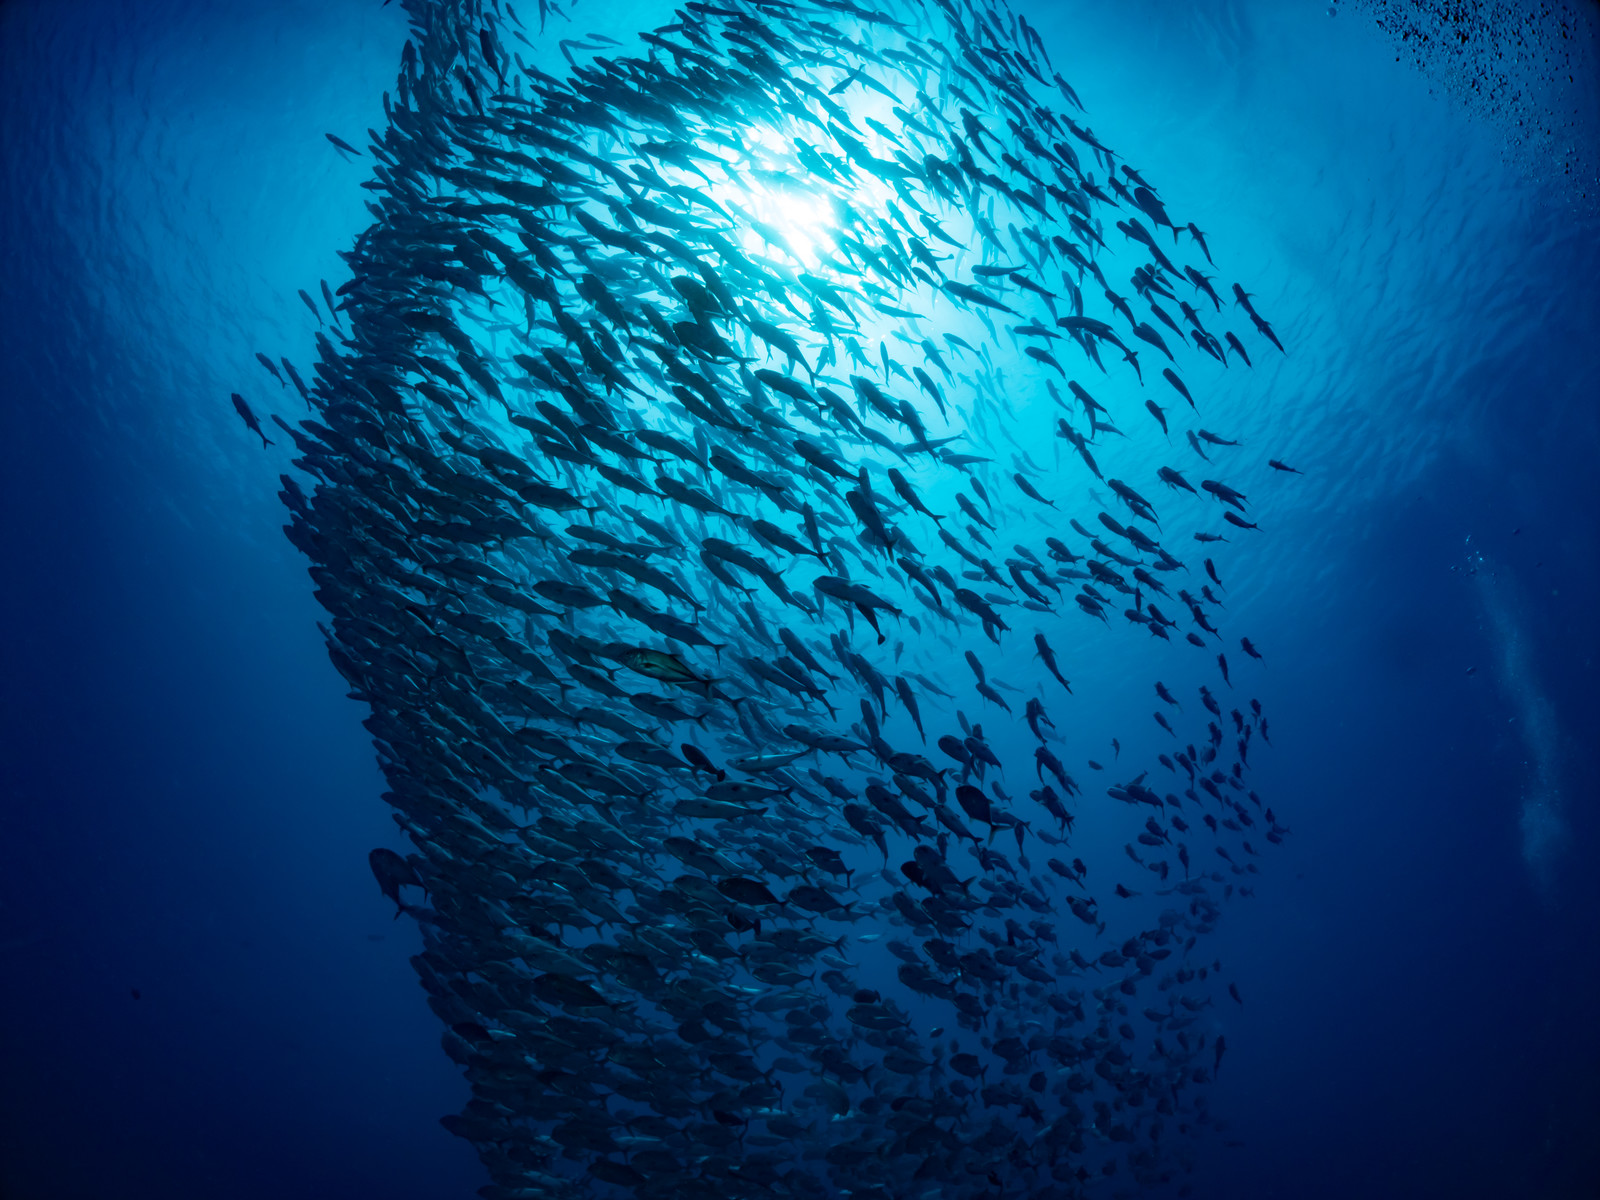 「ギンガメアジの群れ」の写真